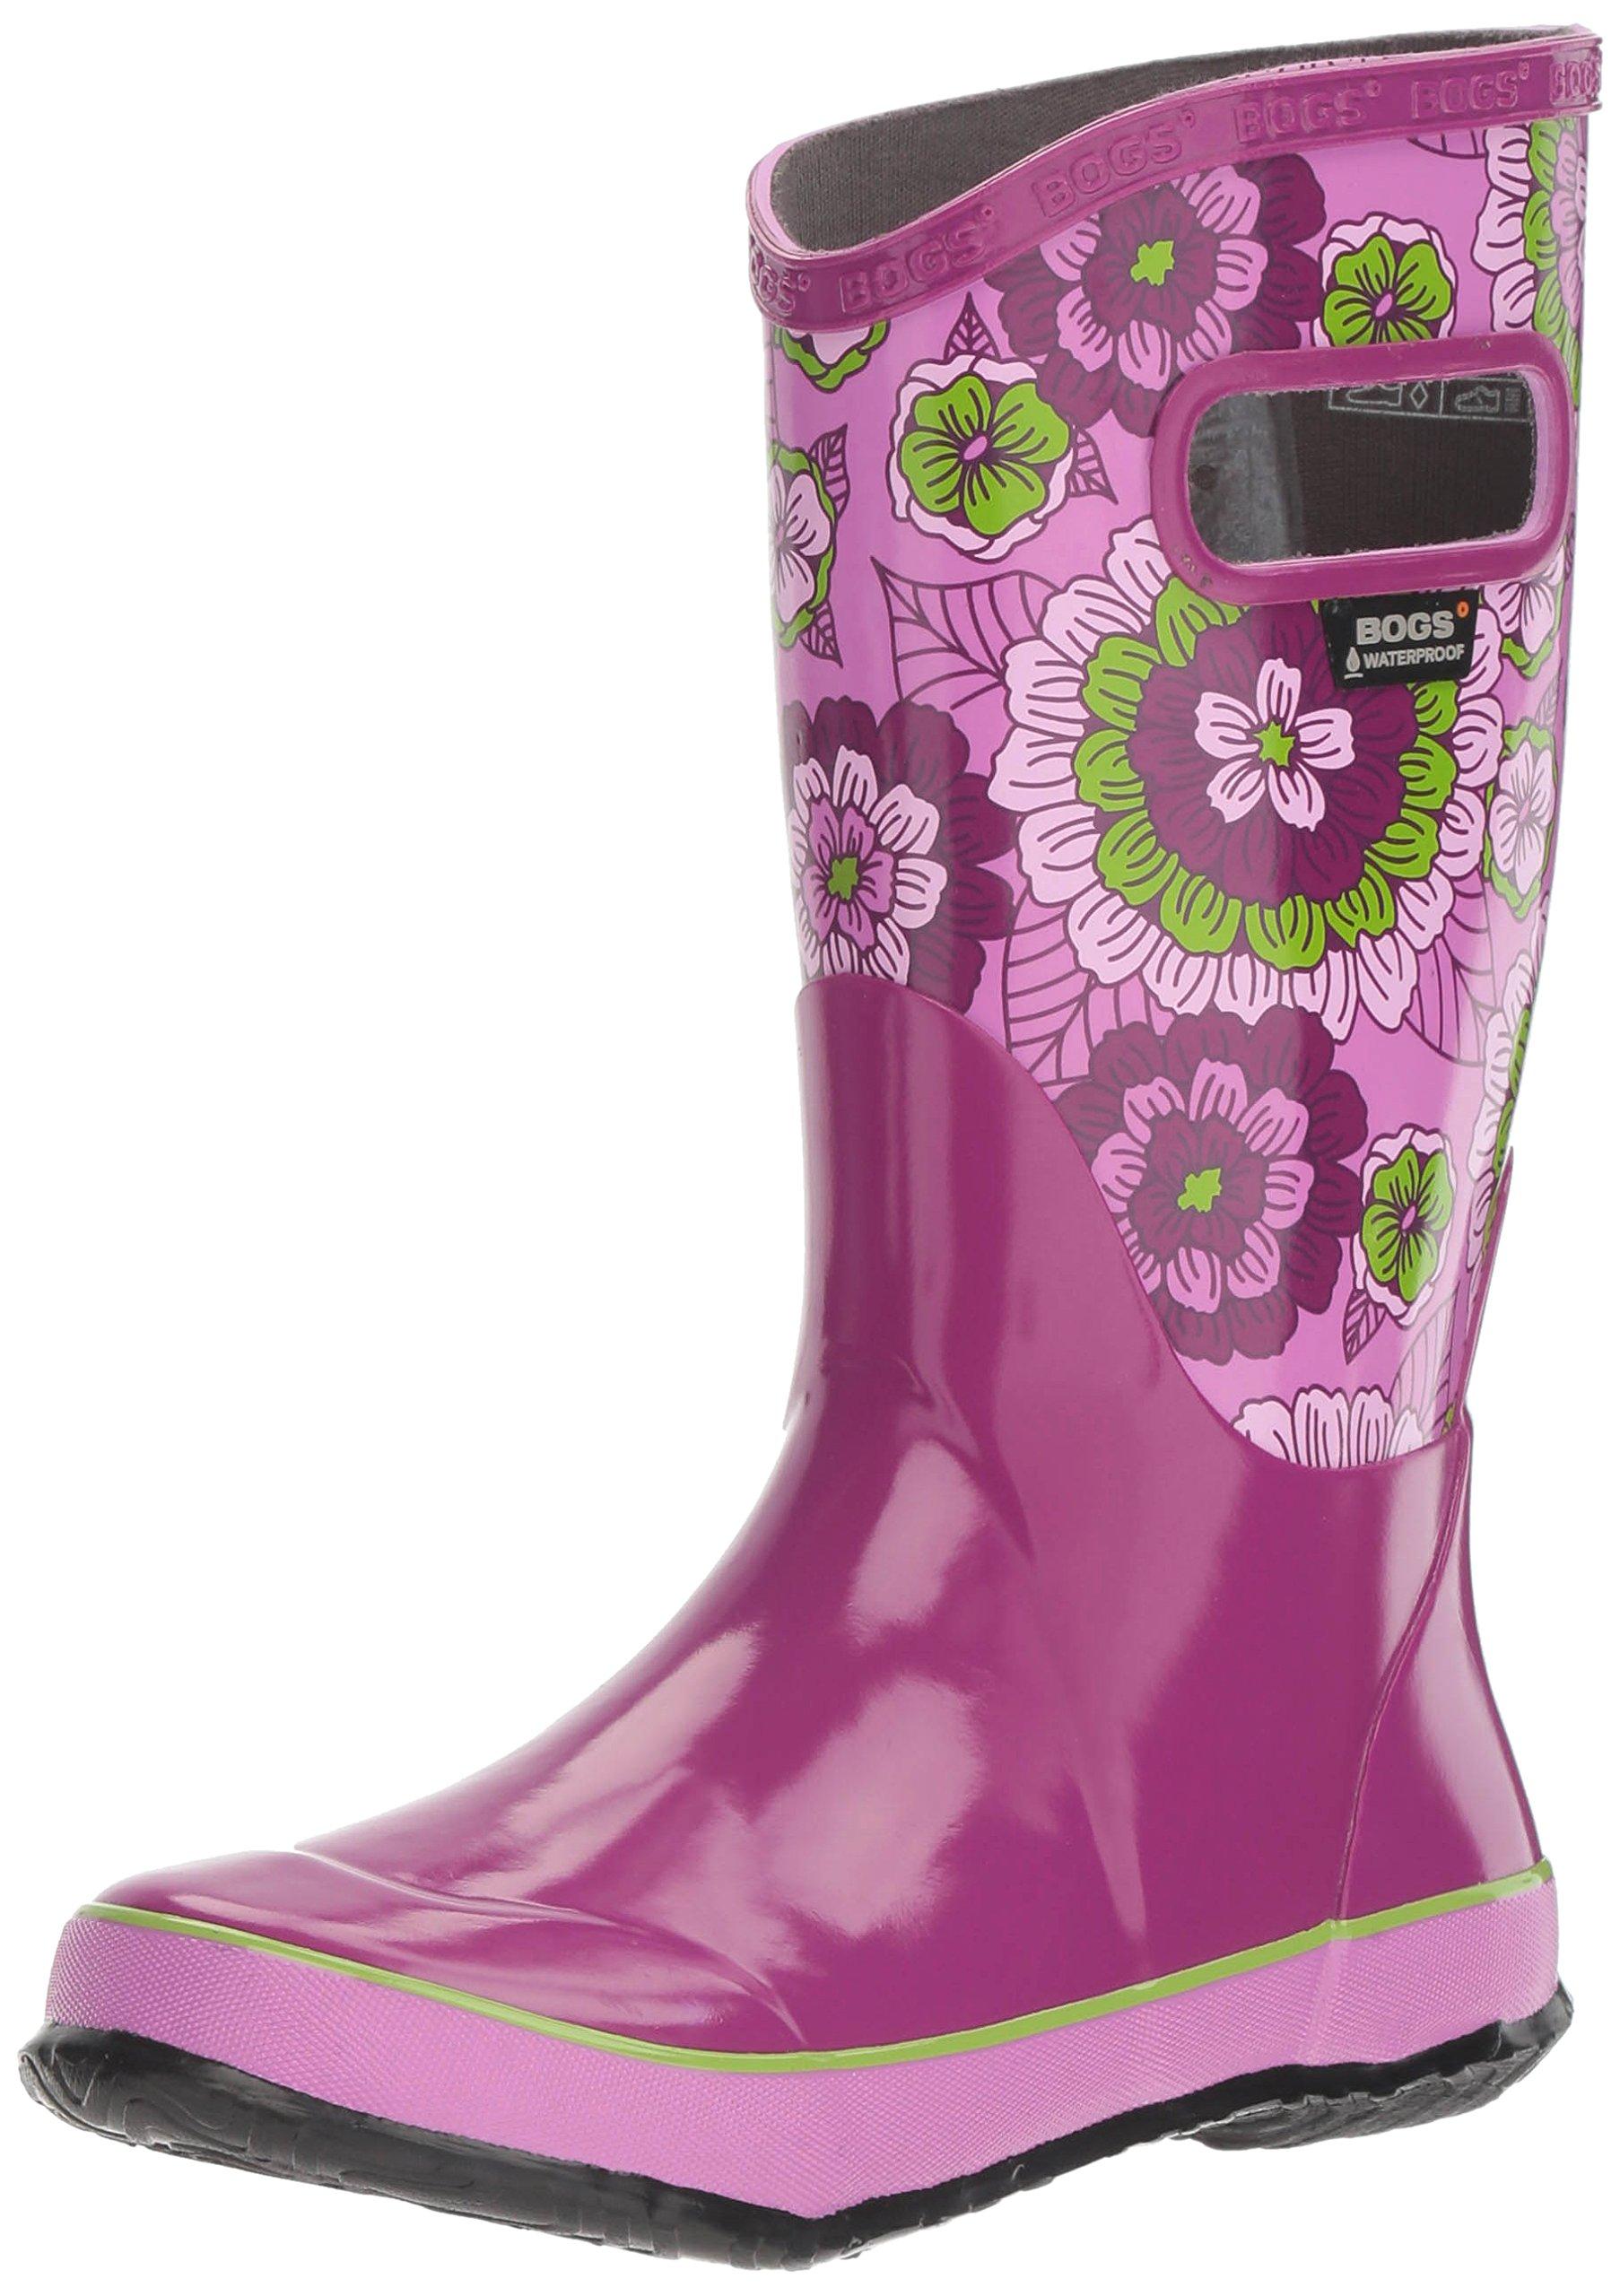 Bogs Kid's Rubber Waterproof Rain Boot Boys Girls, Pansies Print/Berry/Multi, 7 M US Toddler